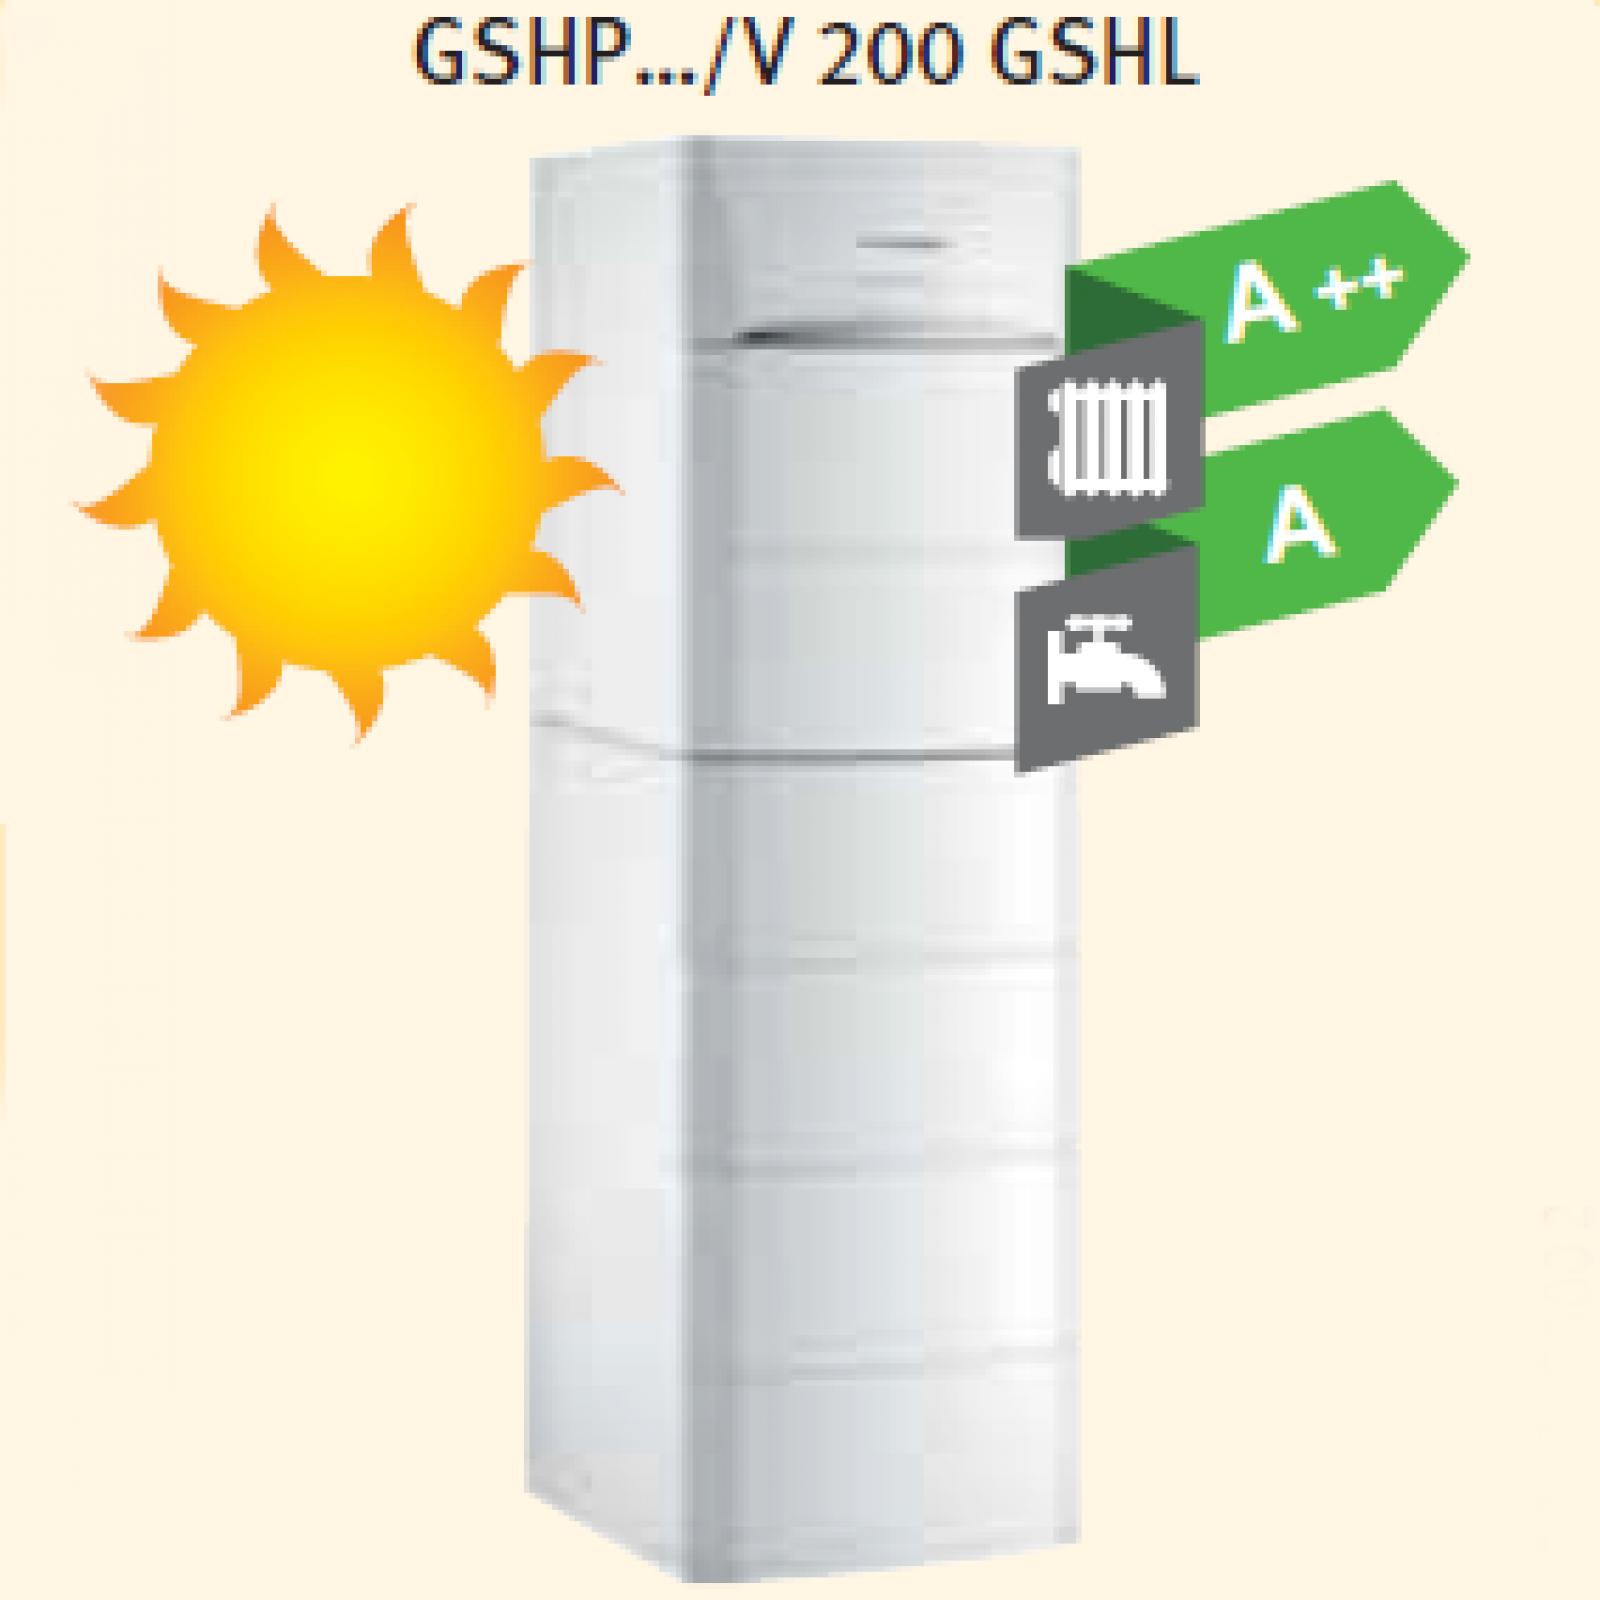 Тепловой насос De Dietrich GSHP GSHL …/V 200 GSHL, GSHP …/B 200 GSHL